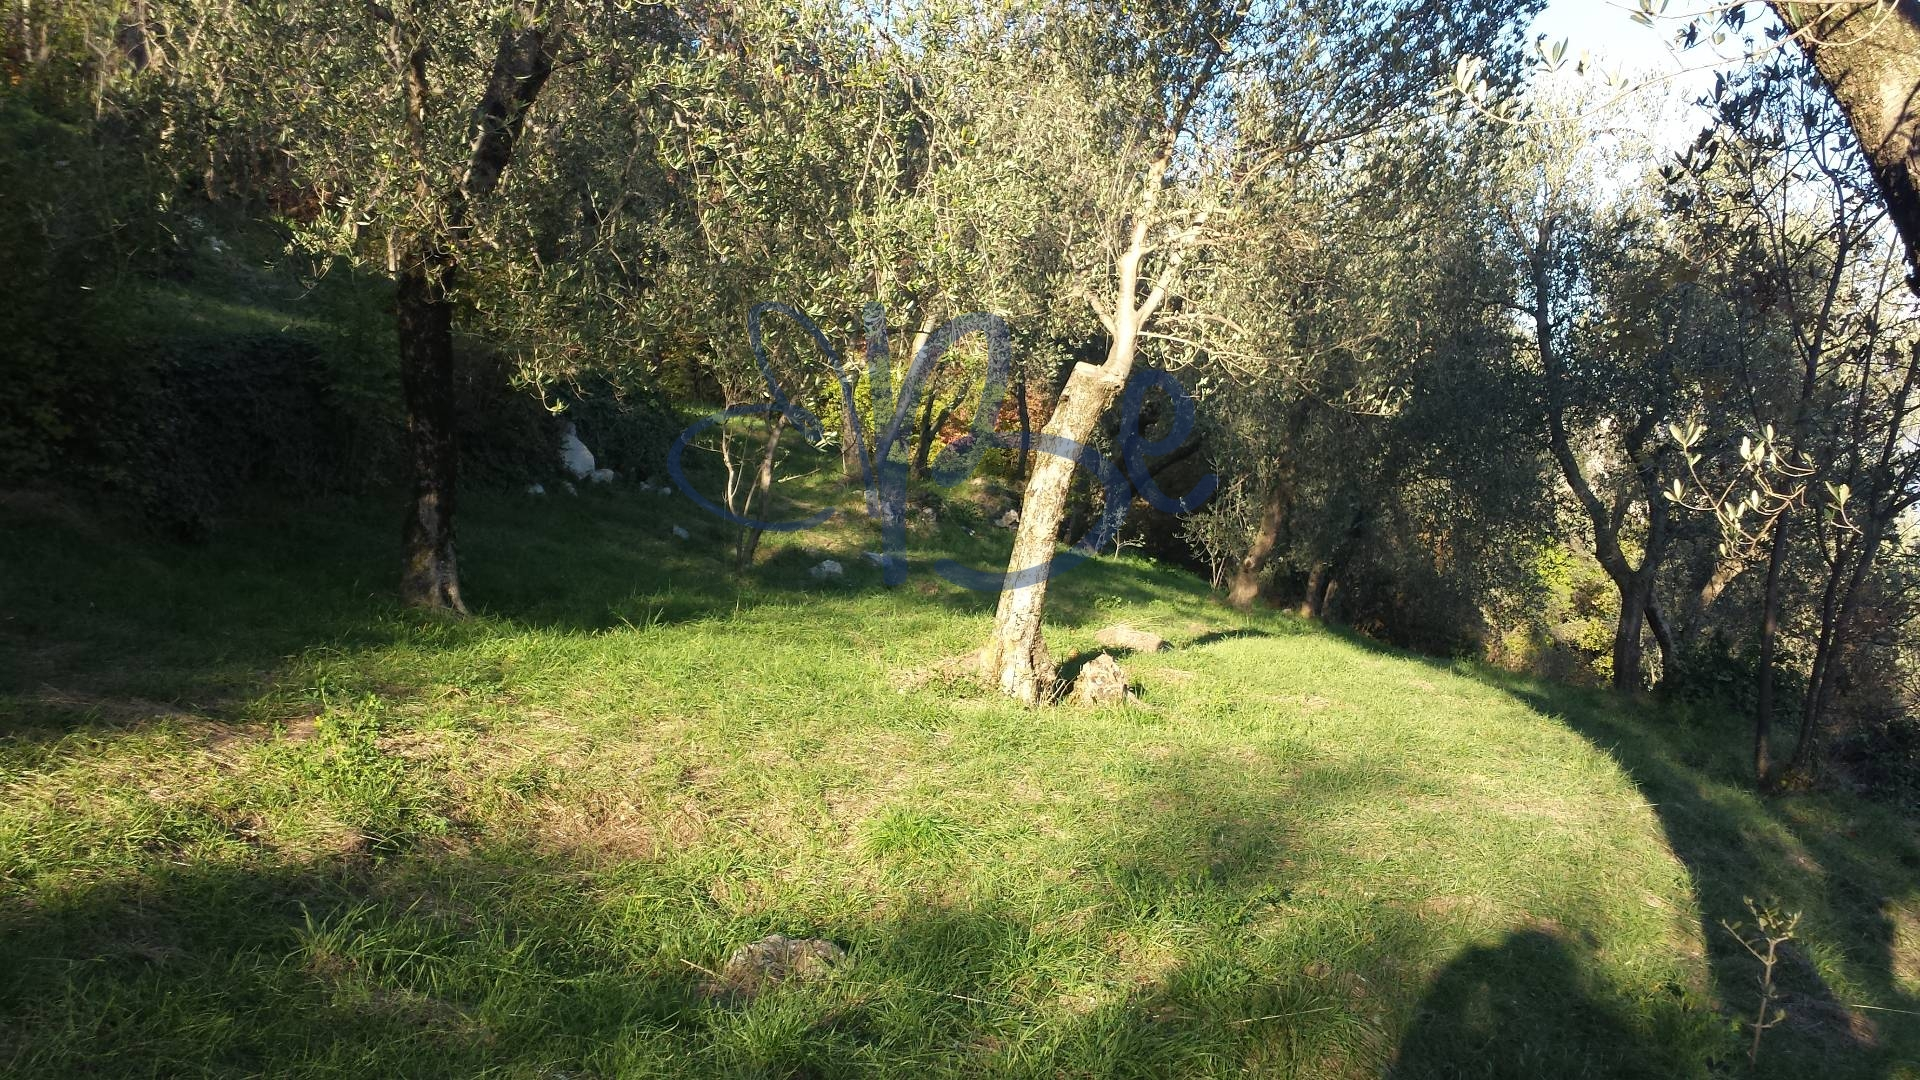 Terreno Agricolo in vendita a Tignale, 9999 locali, zona Zona: Piovere, prezzo € 25.000 | CambioCasa.it